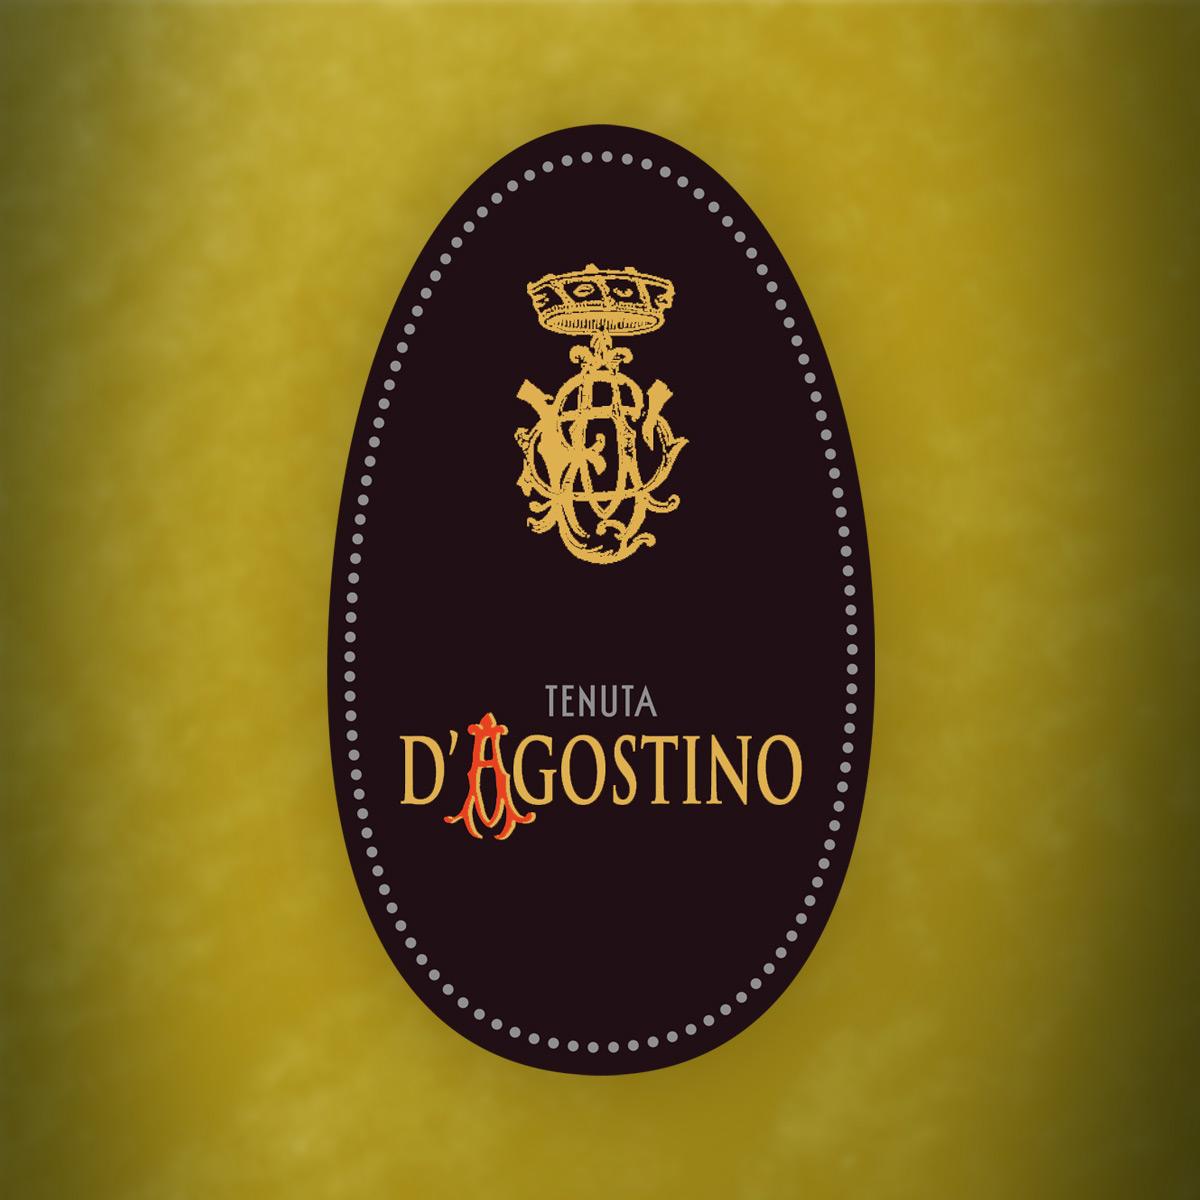 Tenuta d'Agostino, Etichetta